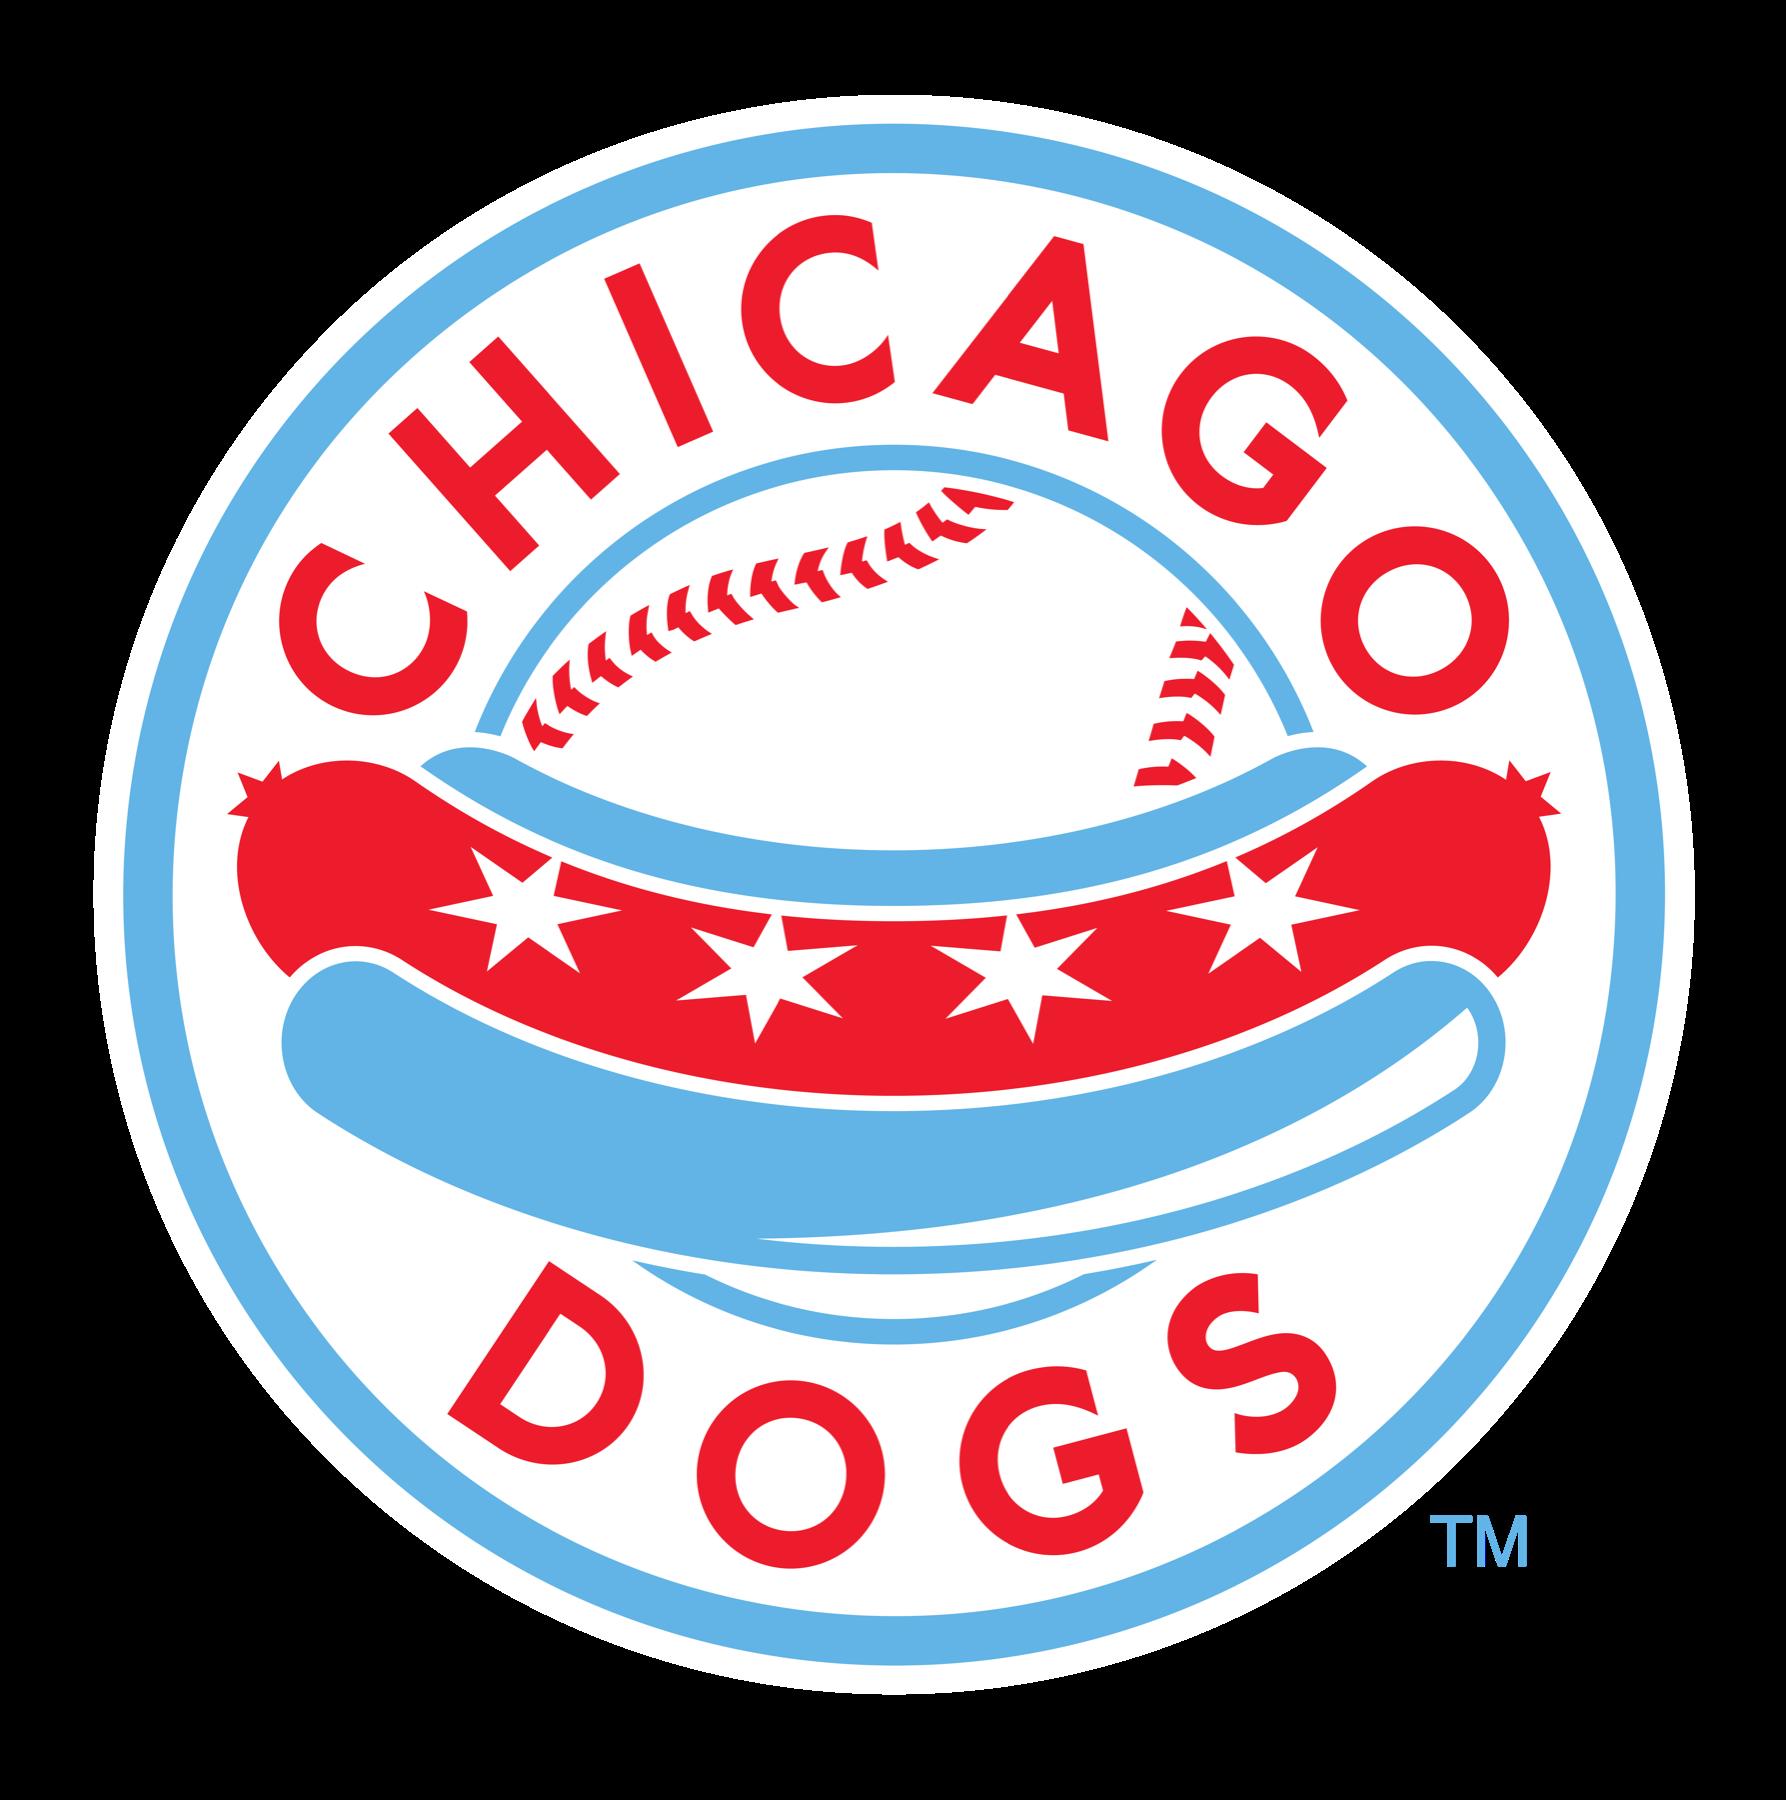 Chicago Dogs vs. Winnipeg Goldeyes